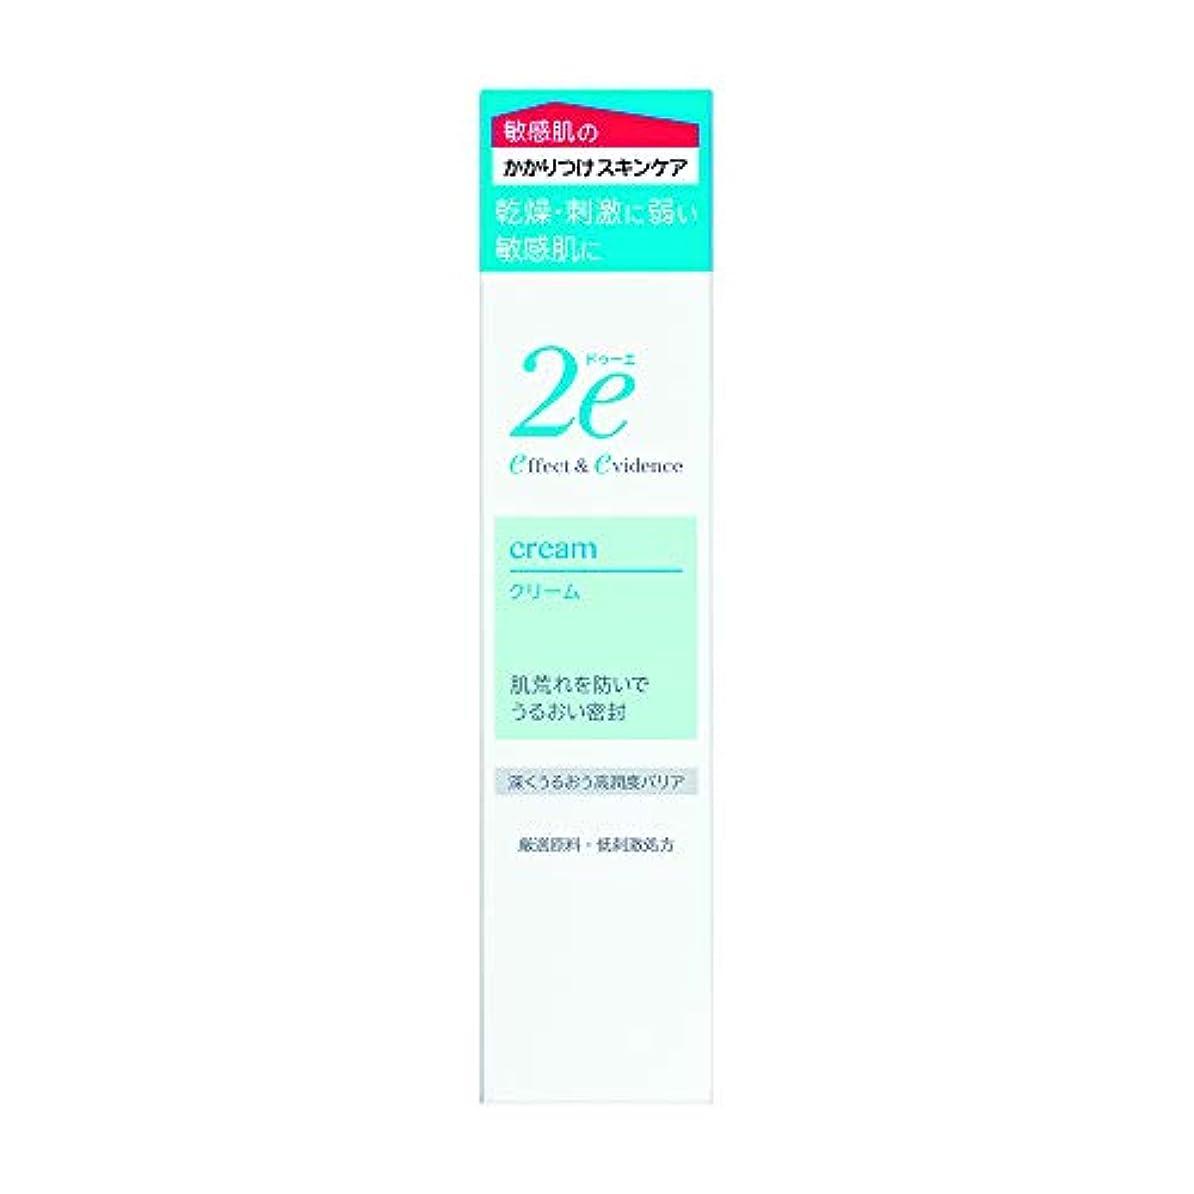 豊富な工業用アラブ人2e(ドゥーエ) クリーム 敏感肌用クリーム 低刺激処方 深くうるおう高潤度バリア 30g